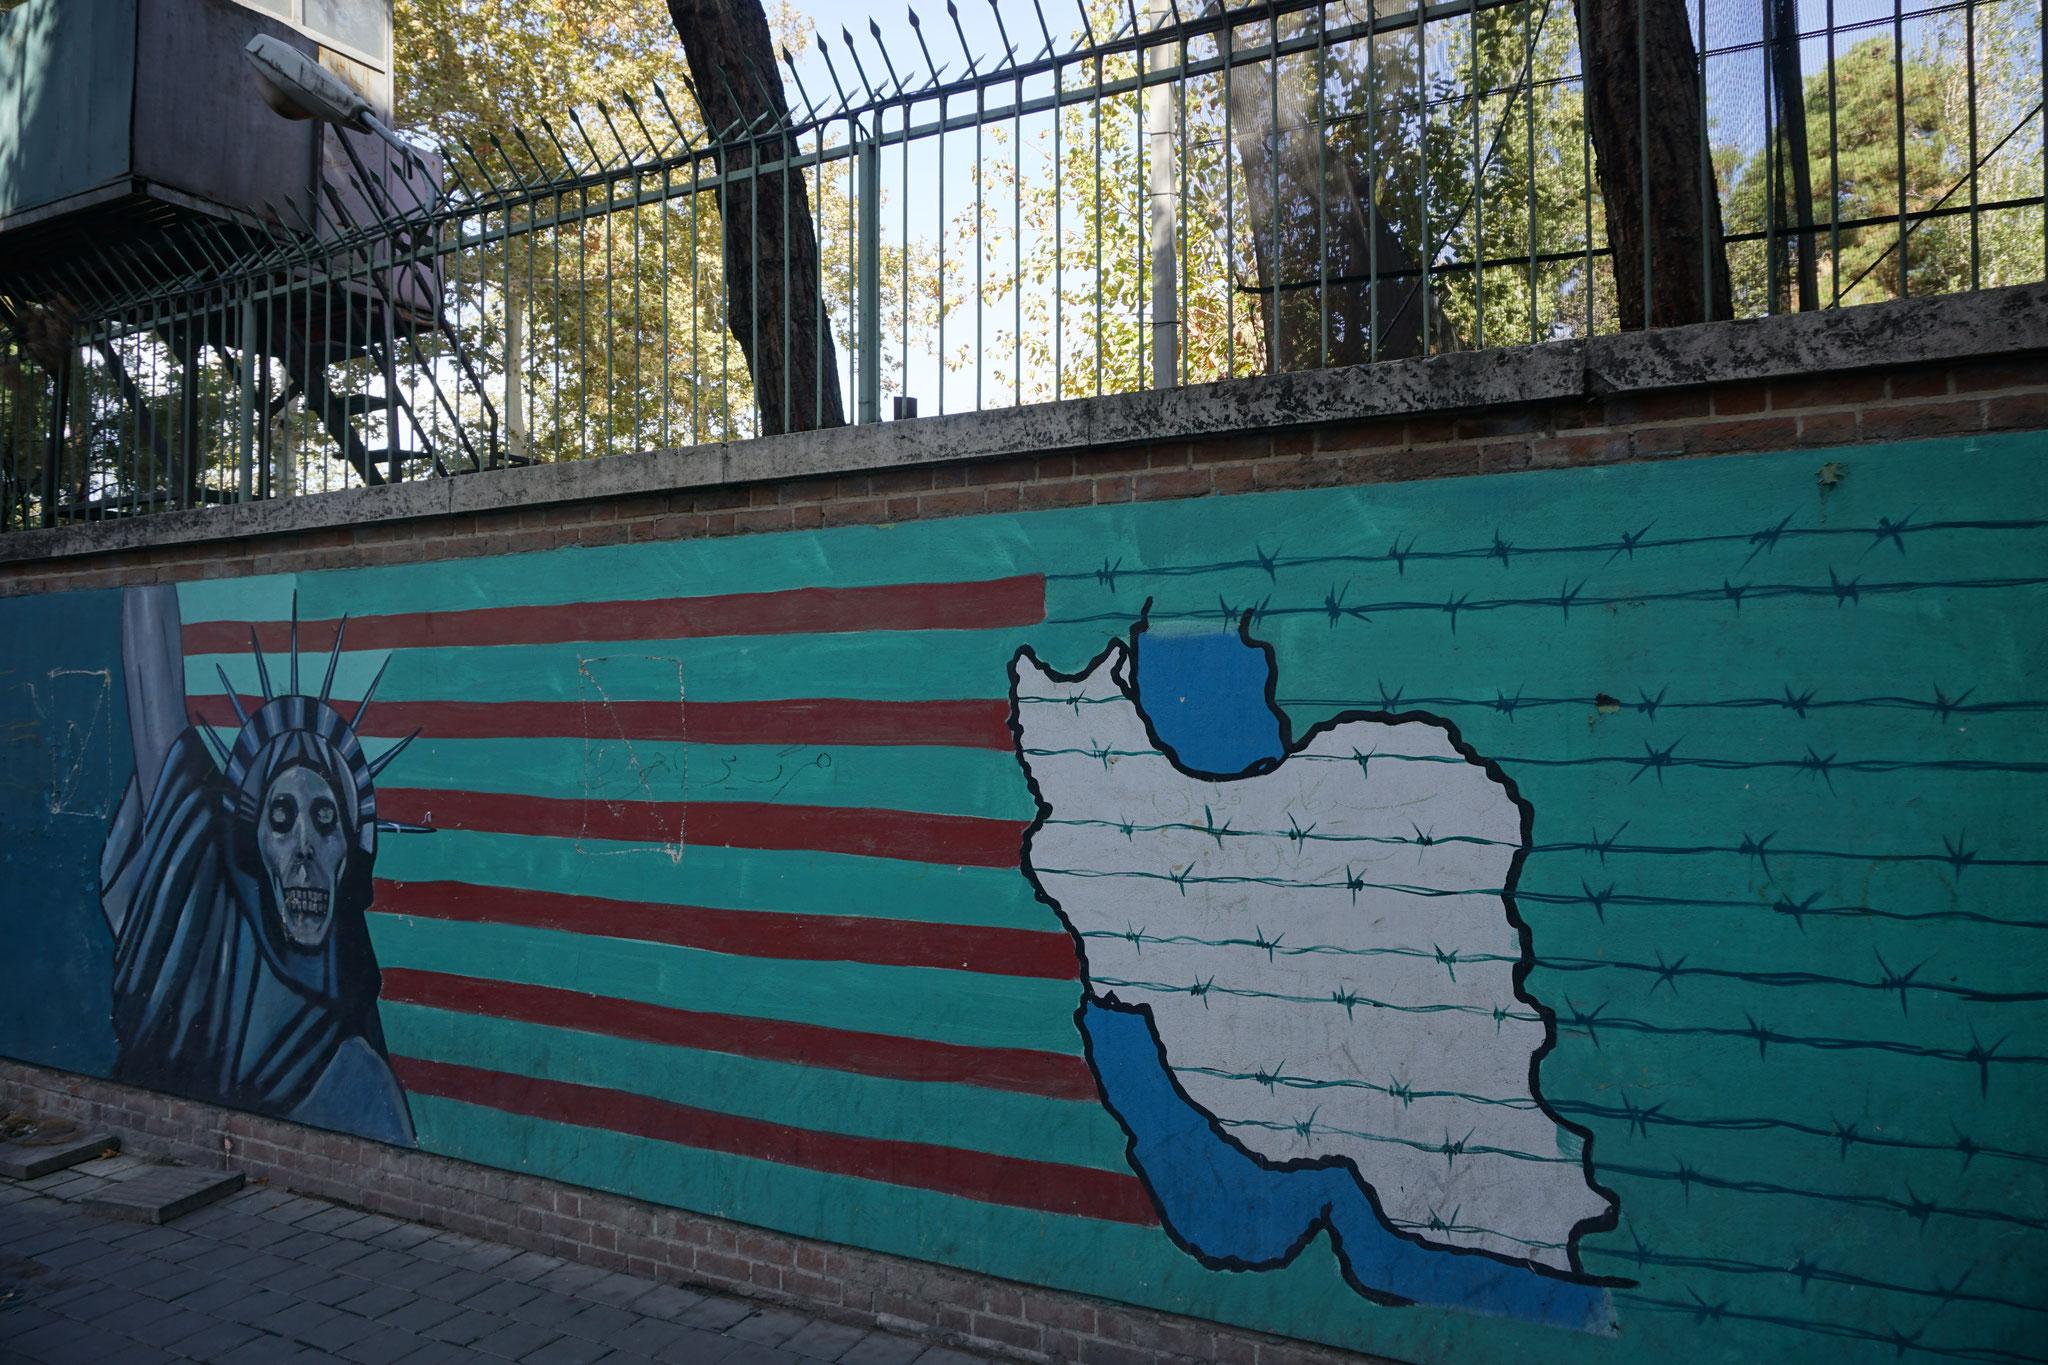 Muurschildering bij de 'former' Amerikaanse ambassade in Teheran